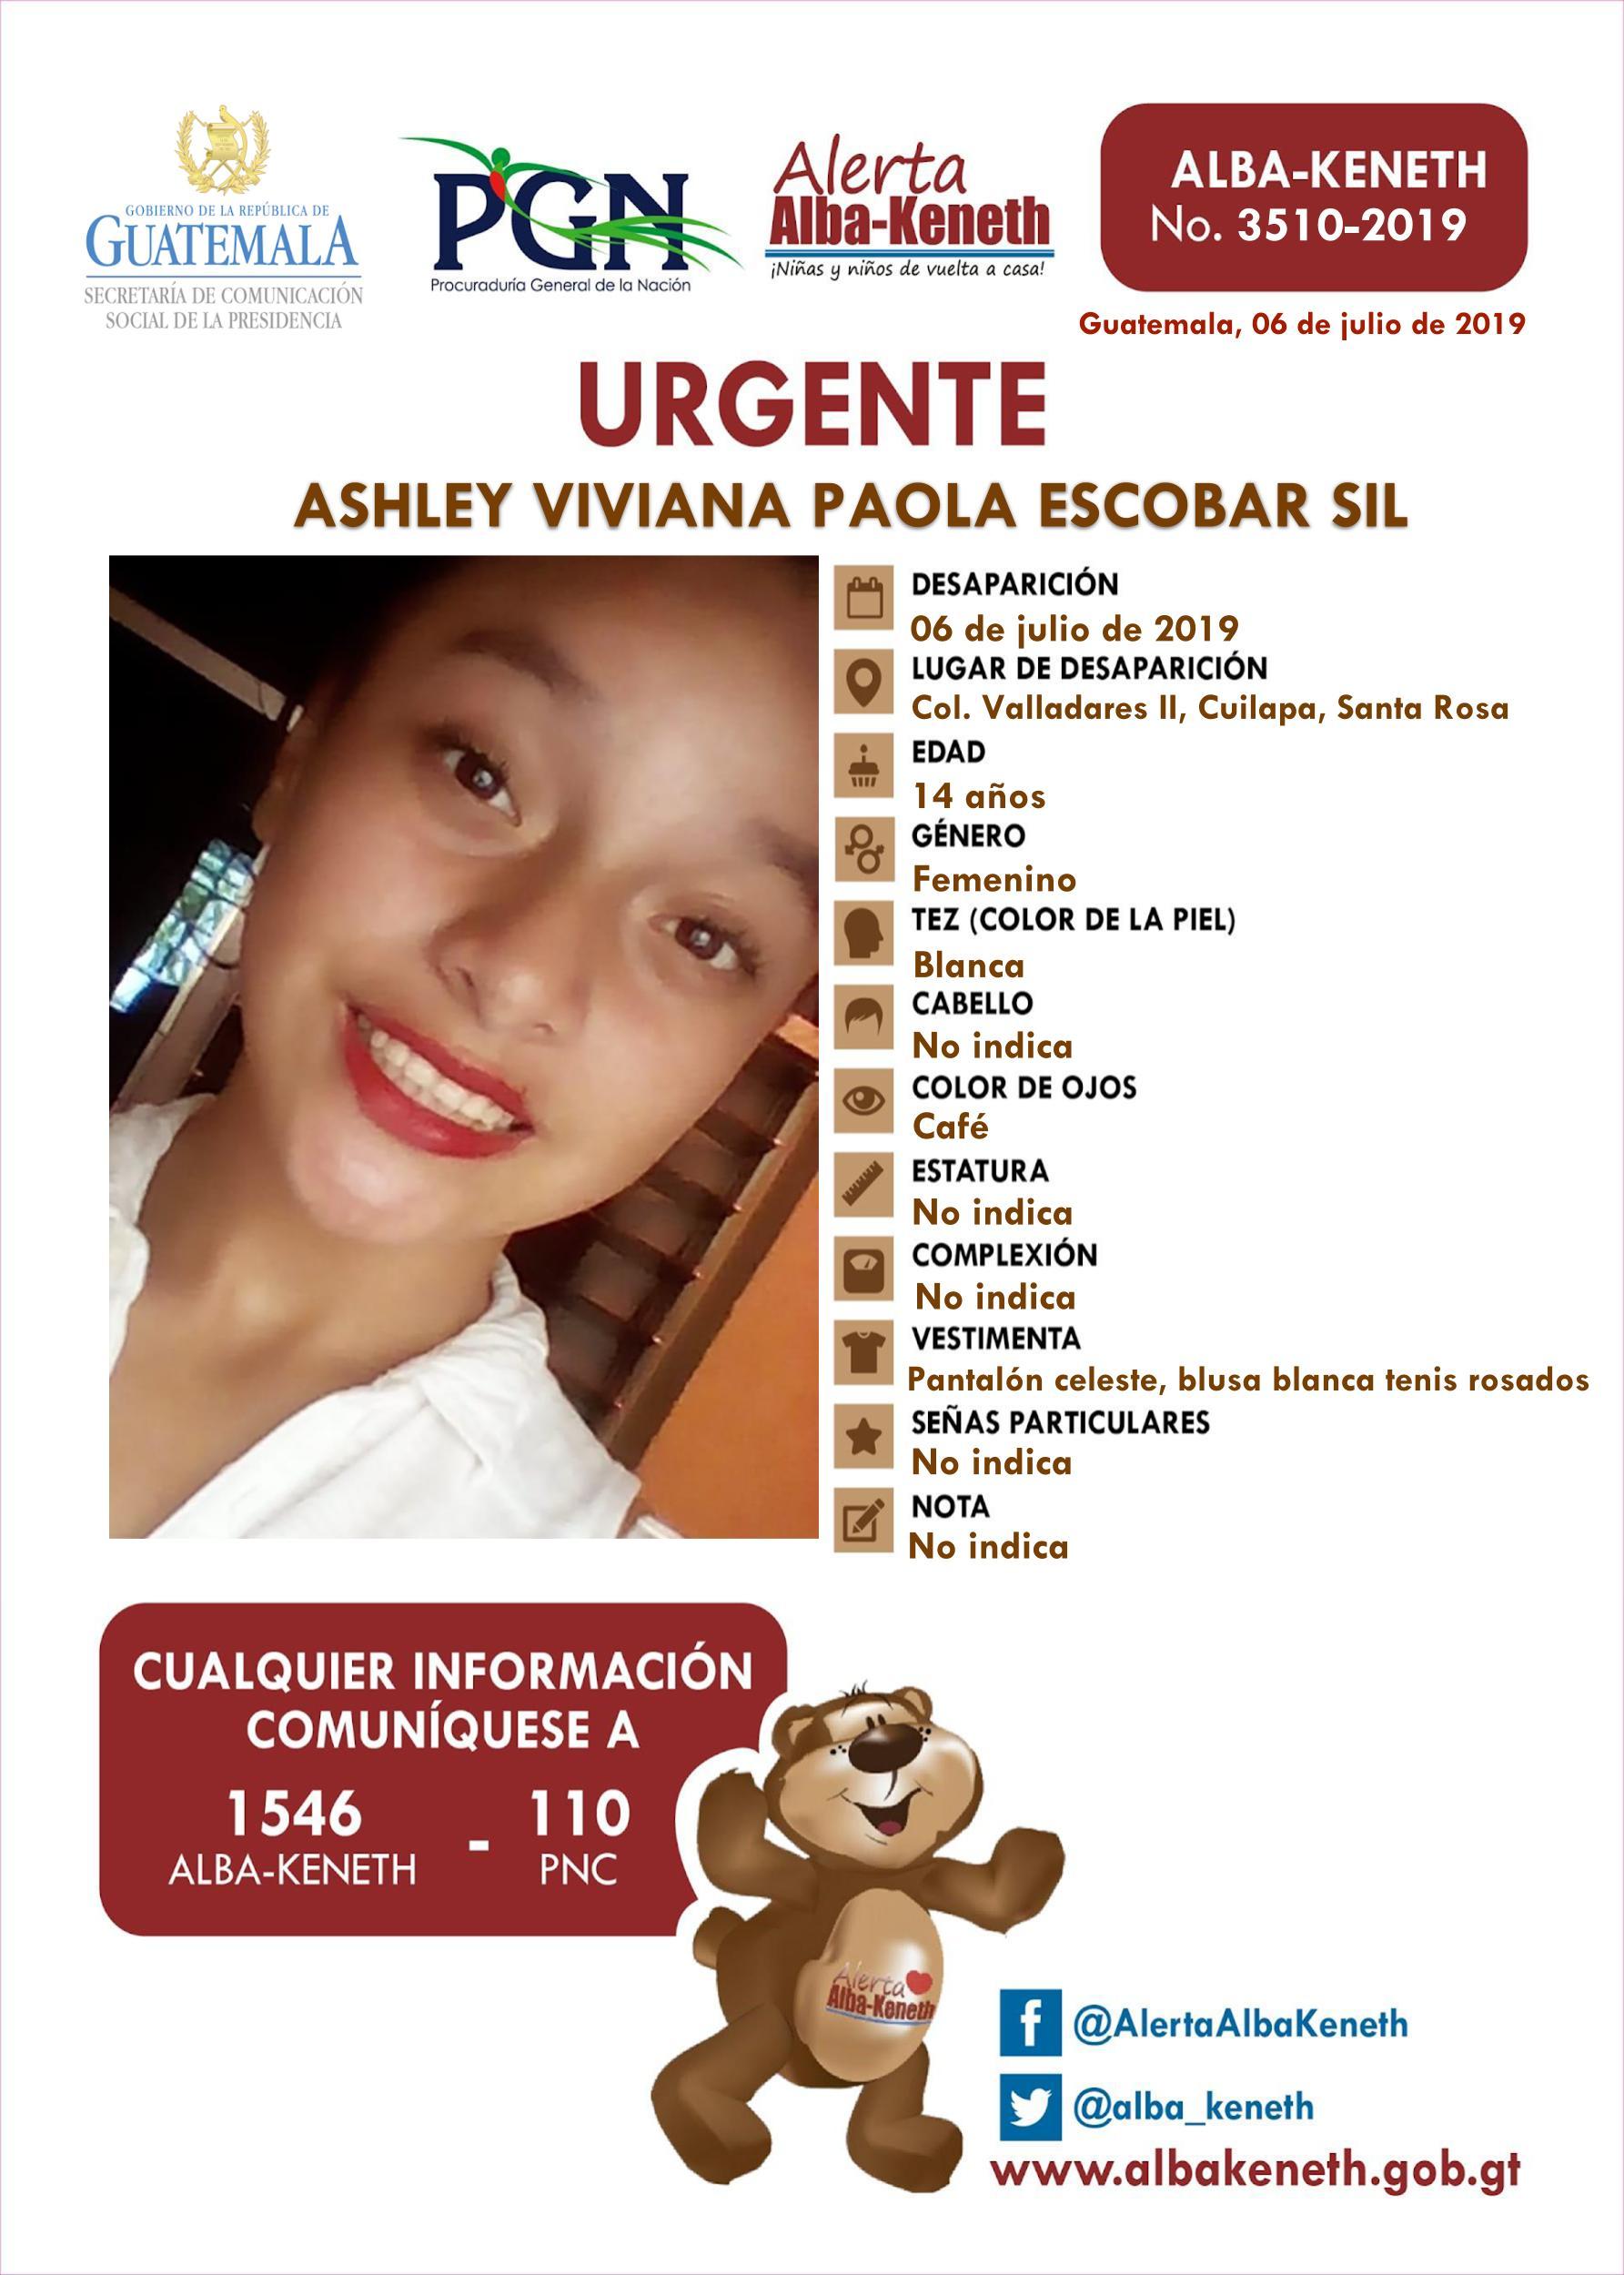 Ashely Viviana Paola Escobar Sil